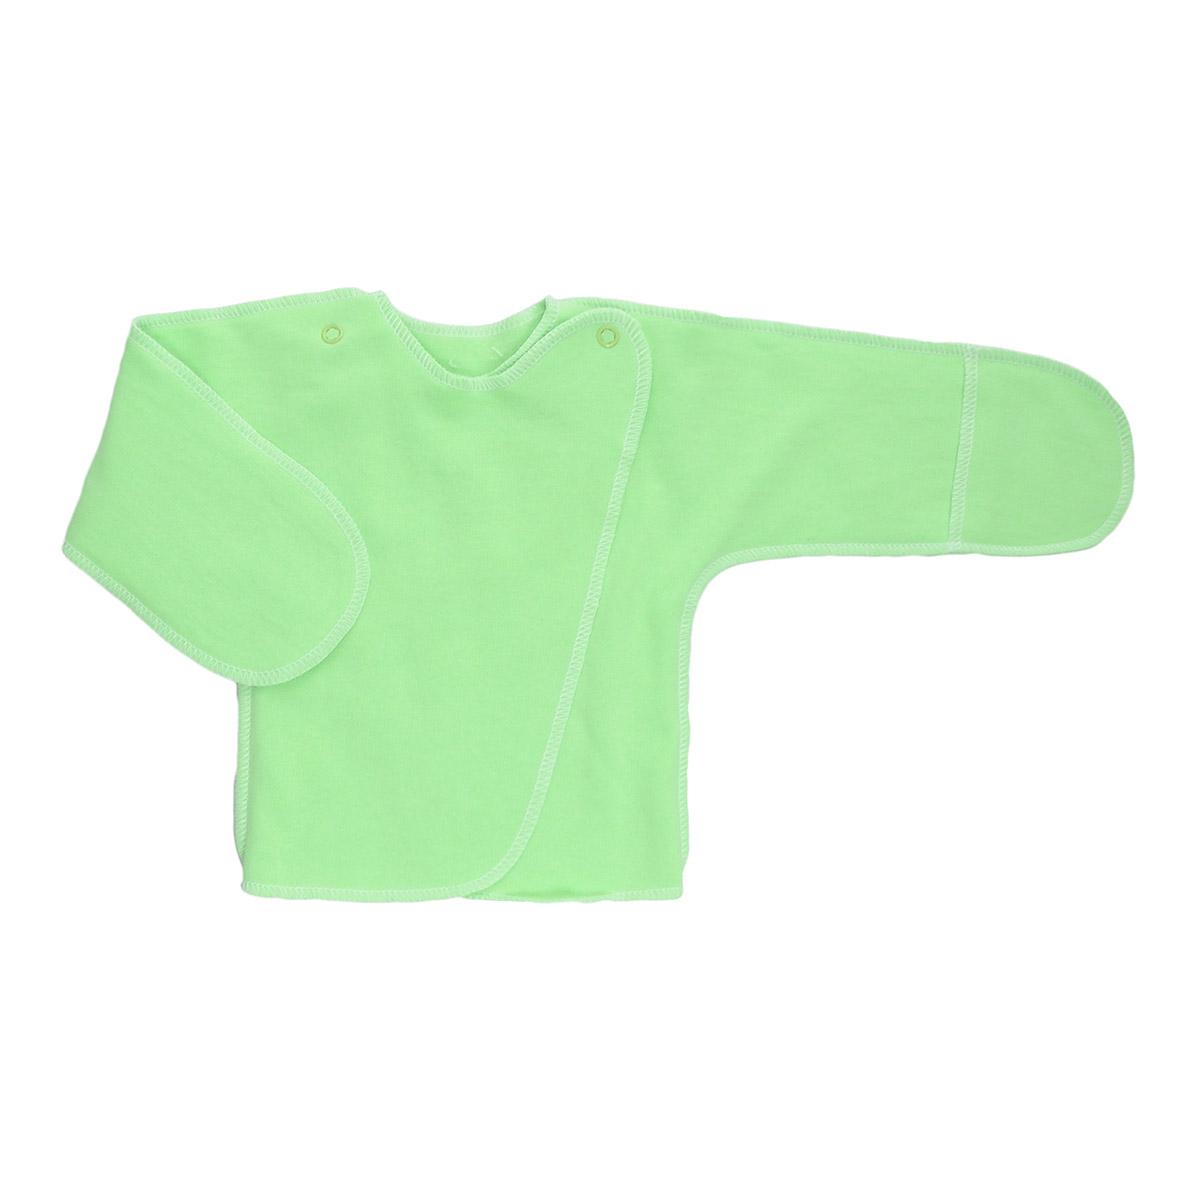 5023Распашонка с закрытыми ручками Трон-плюс послужит идеальным дополнением к гардеробу младенца. Распашонка, выполненная швами наружу, изготовлена из футера - натурального плотного хлопка, благодаря чему она необычайно мягкая, легкая и теплая, не раздражает нежную кожу ребенка и хорошо вентилируется, а эластичные швы приятны телу младенца и не препятствуют его движениям. Распашонка с запахом, застегивается при помощи двух кнопок на плечах, которые позволяют без труда переодеть ребенка. Благодаря рукавичкам ребенок не поцарапает себя.